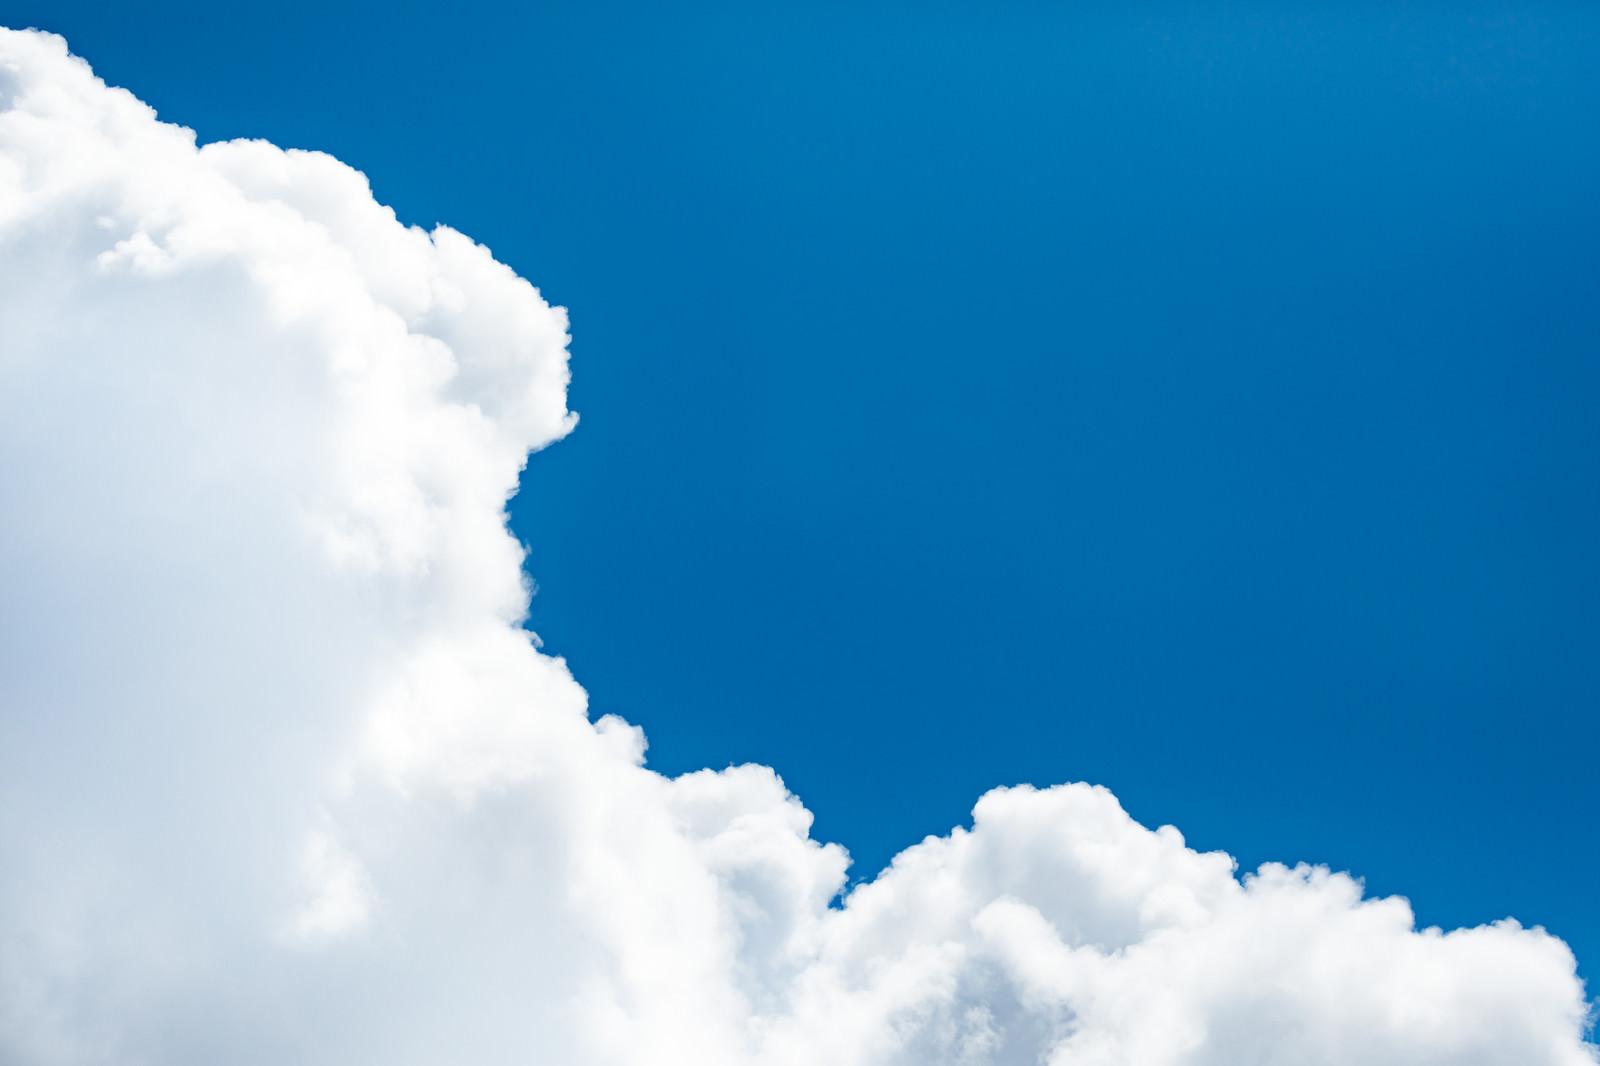 「絵に書いたような青空雲」の写真